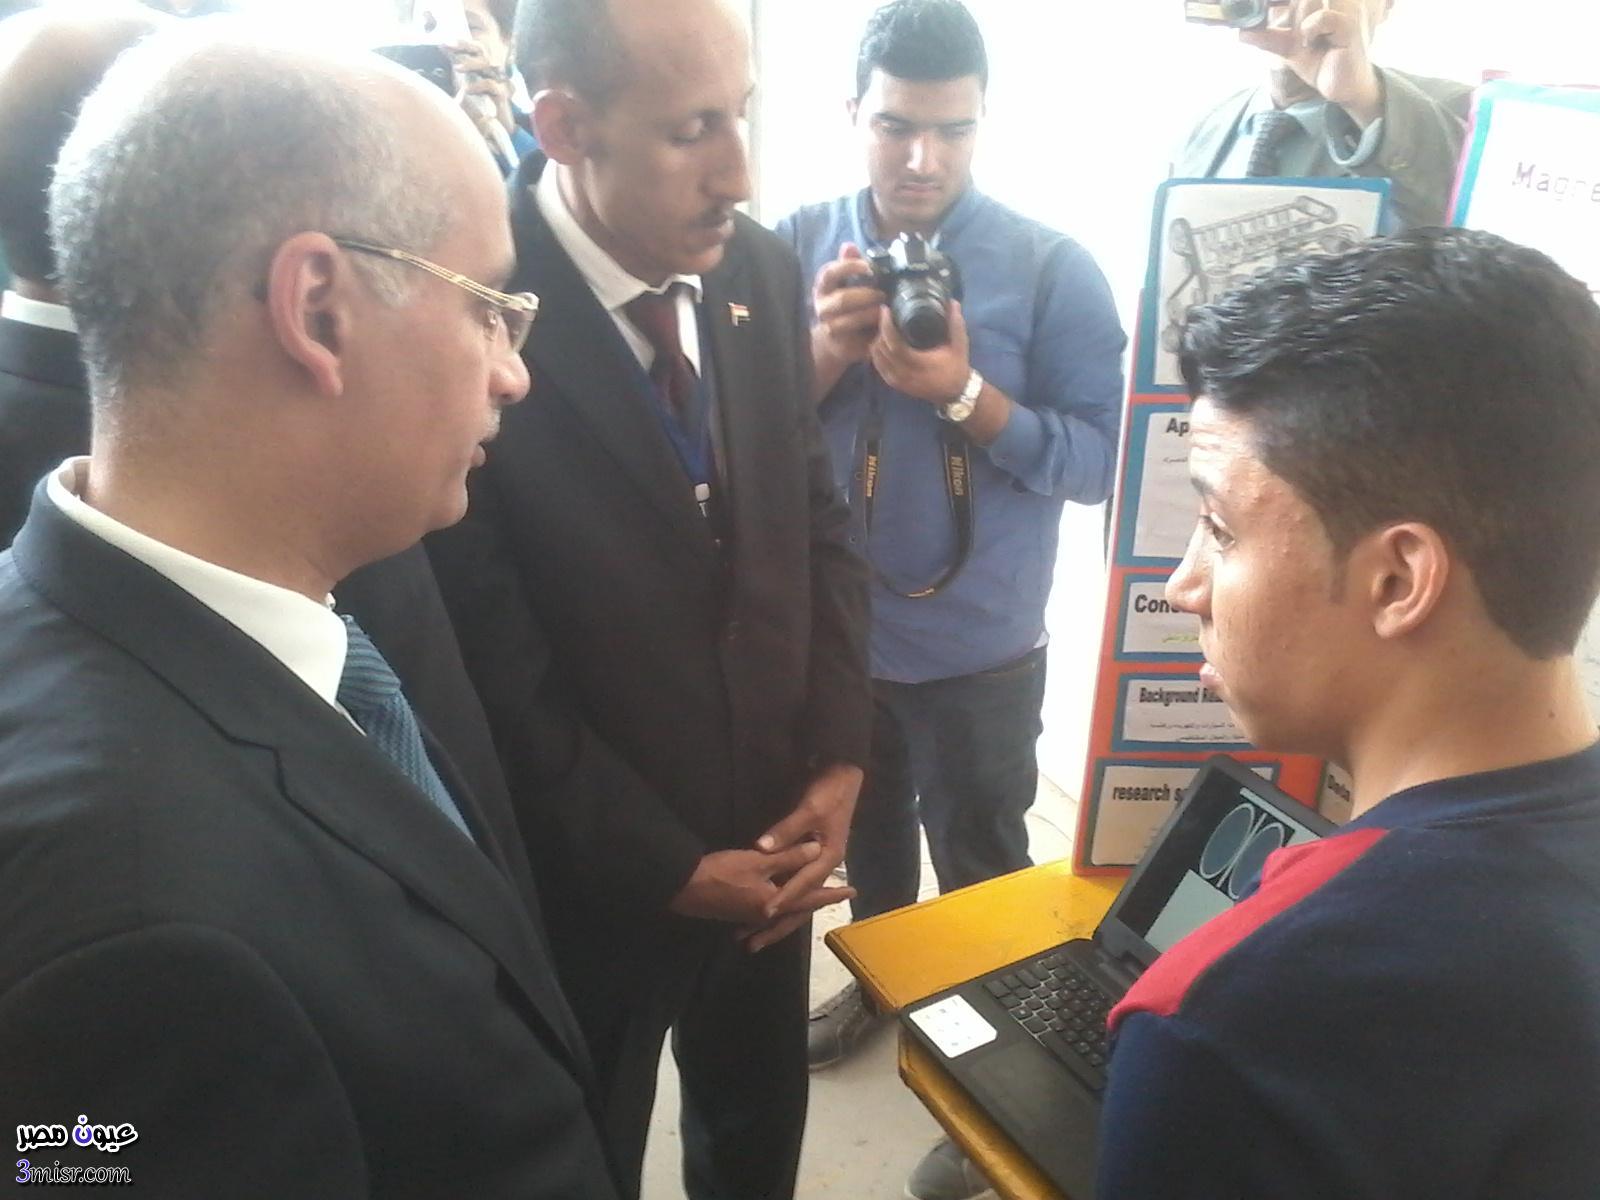 نتيجة تنسيق الدبلومات الفنية بوابة الحكومة المصرية 2016